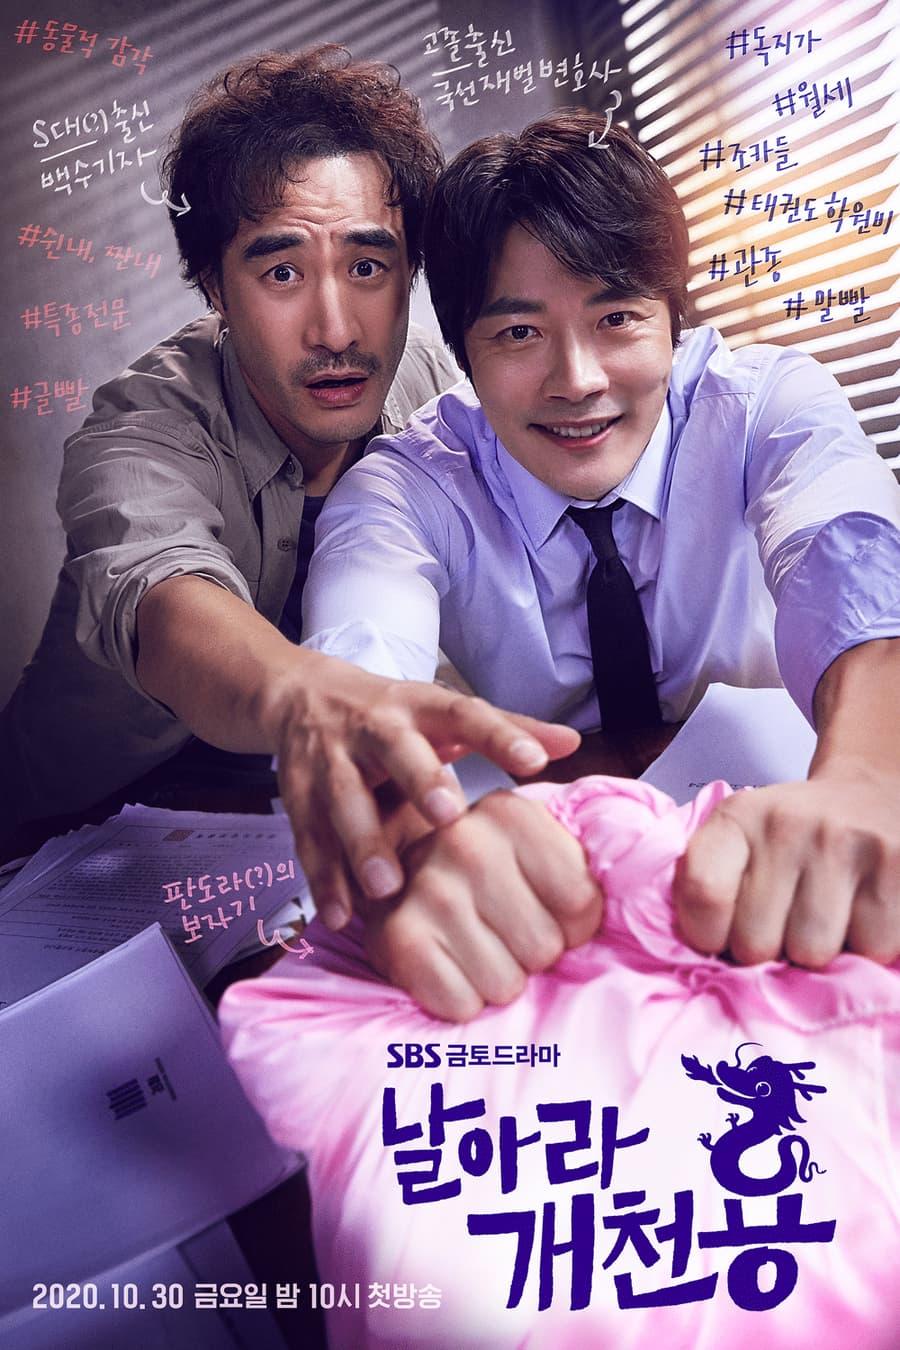 โปสเตอร์ซีรีส์ Fly Dragon (2020)